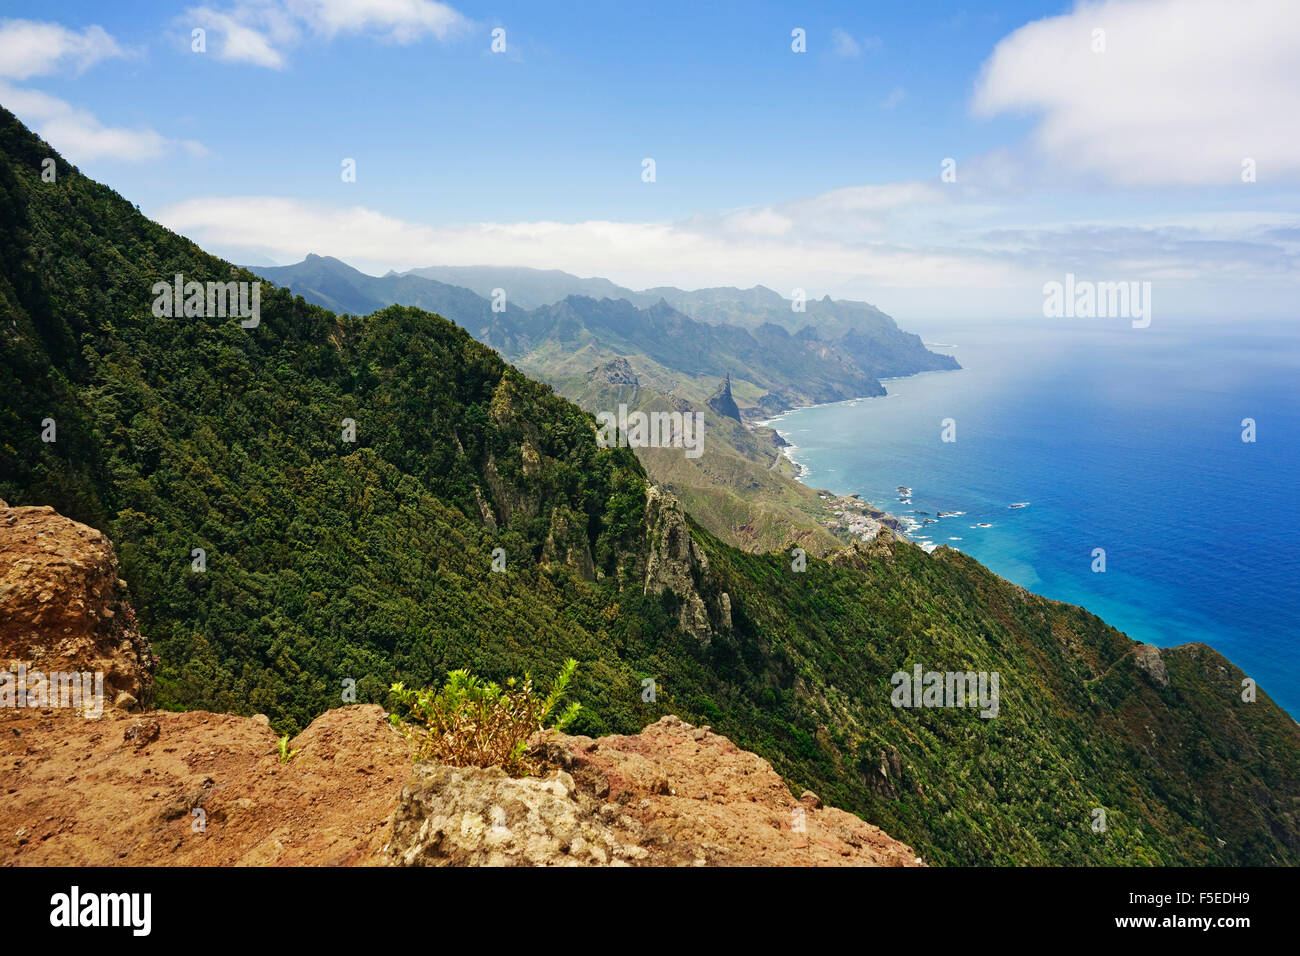 Las Montañas de Anaga y la Costa de Adeje, en Tenerife, Islas Canarias, Atlántico, Europa Imagen De Stock